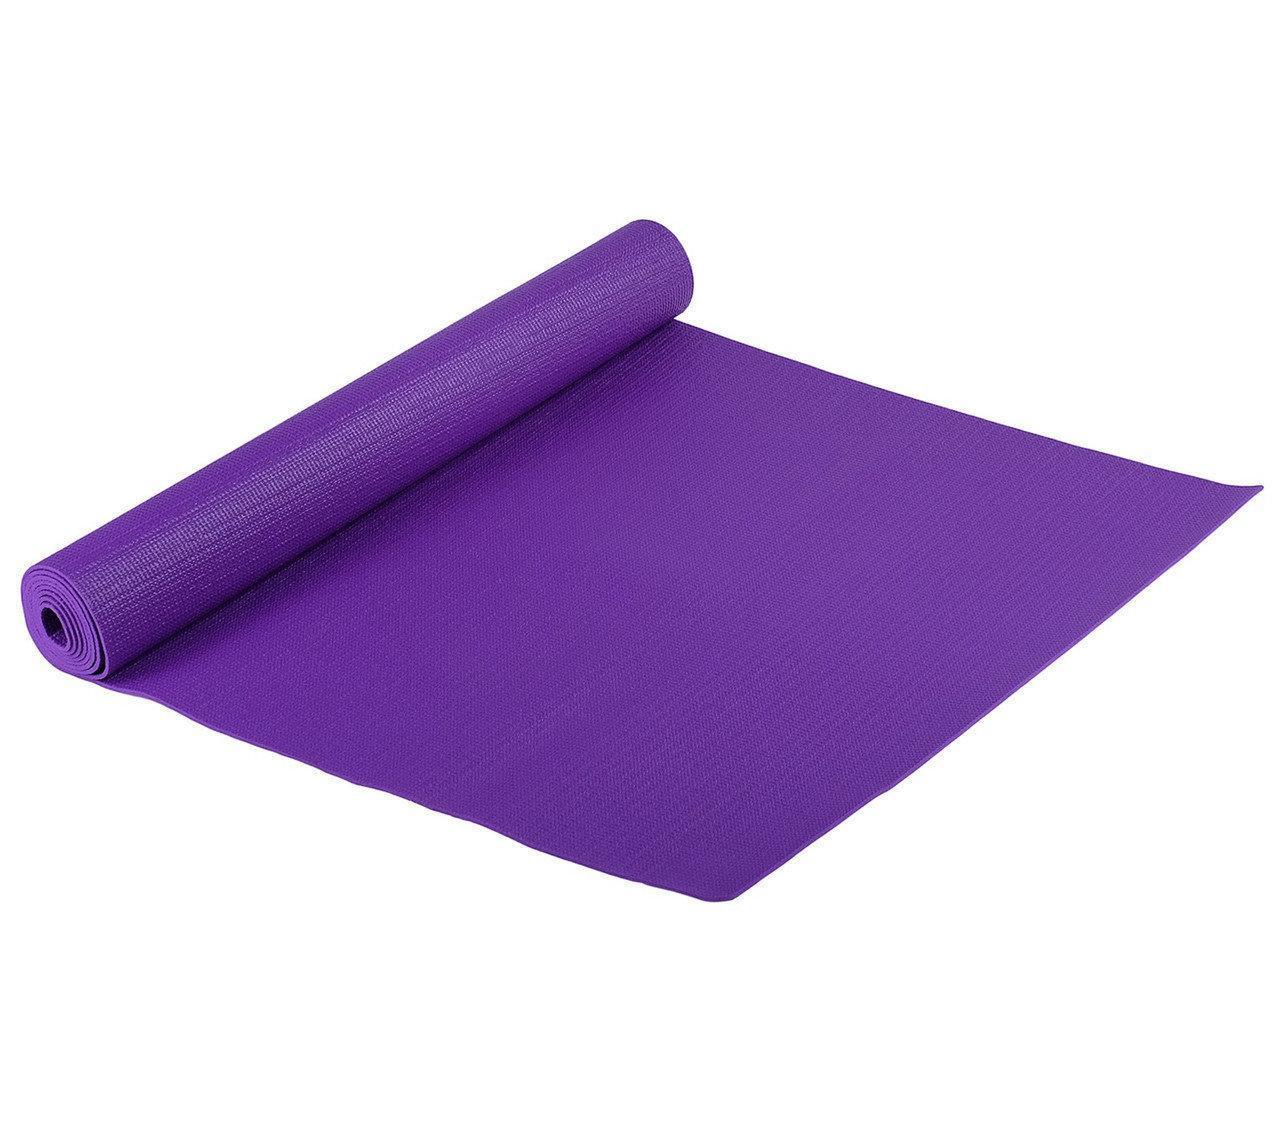 Многофункциональный Классически коврик для йоги MS 1846-1 Фиолетовый коврик для фитнеса